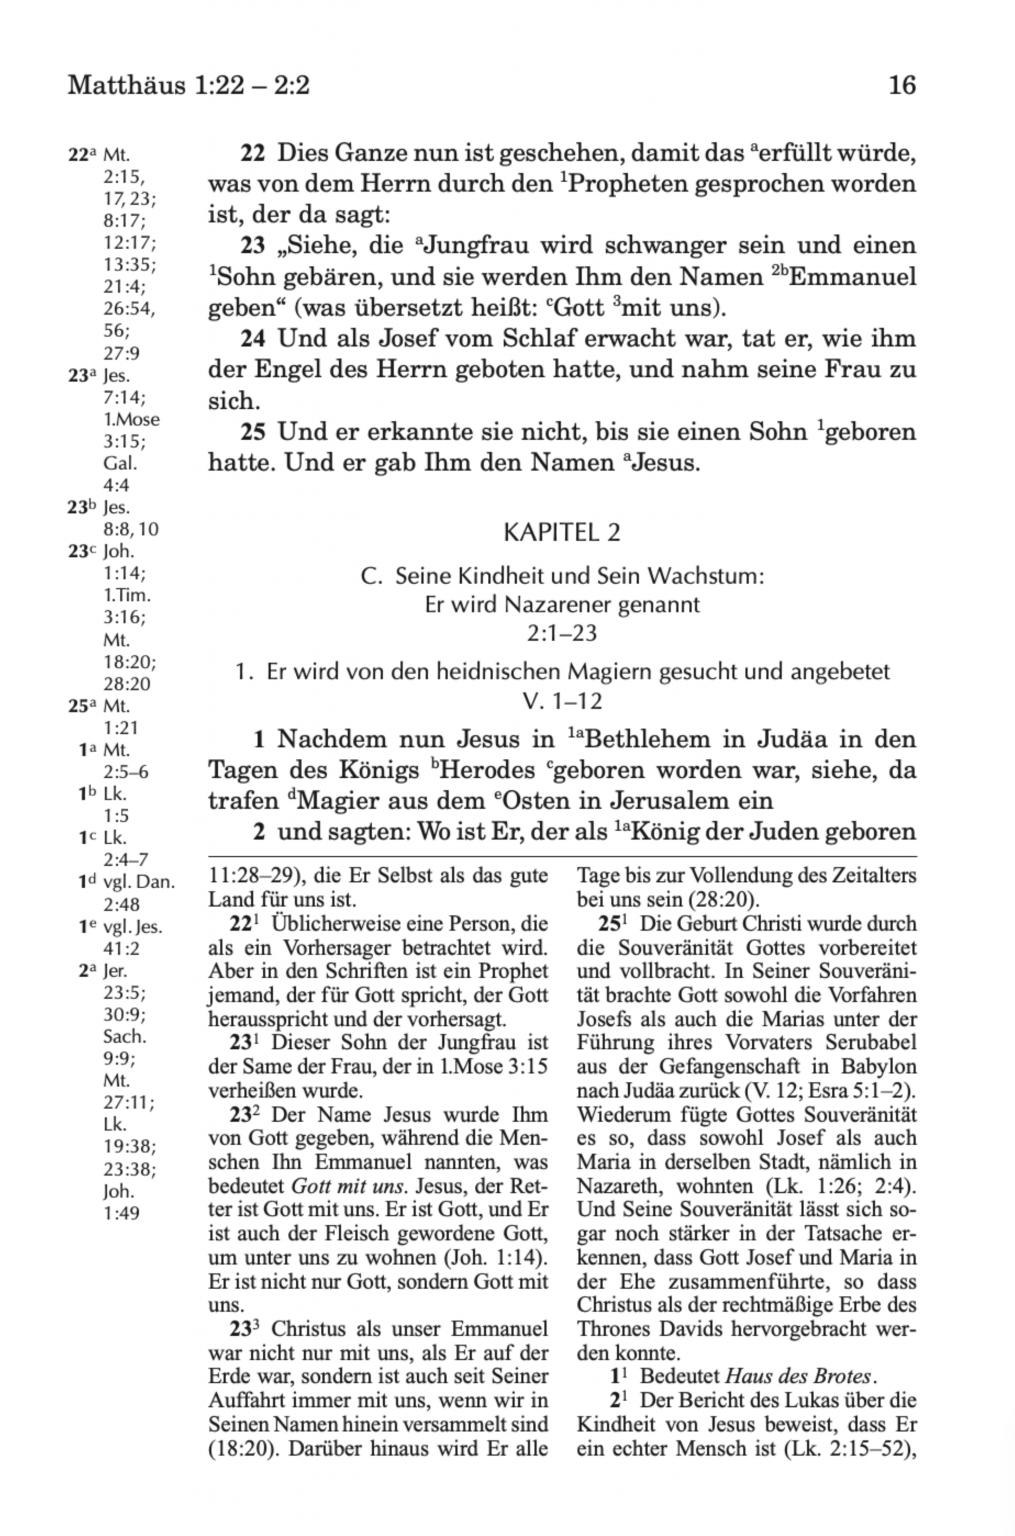 RvB page 16